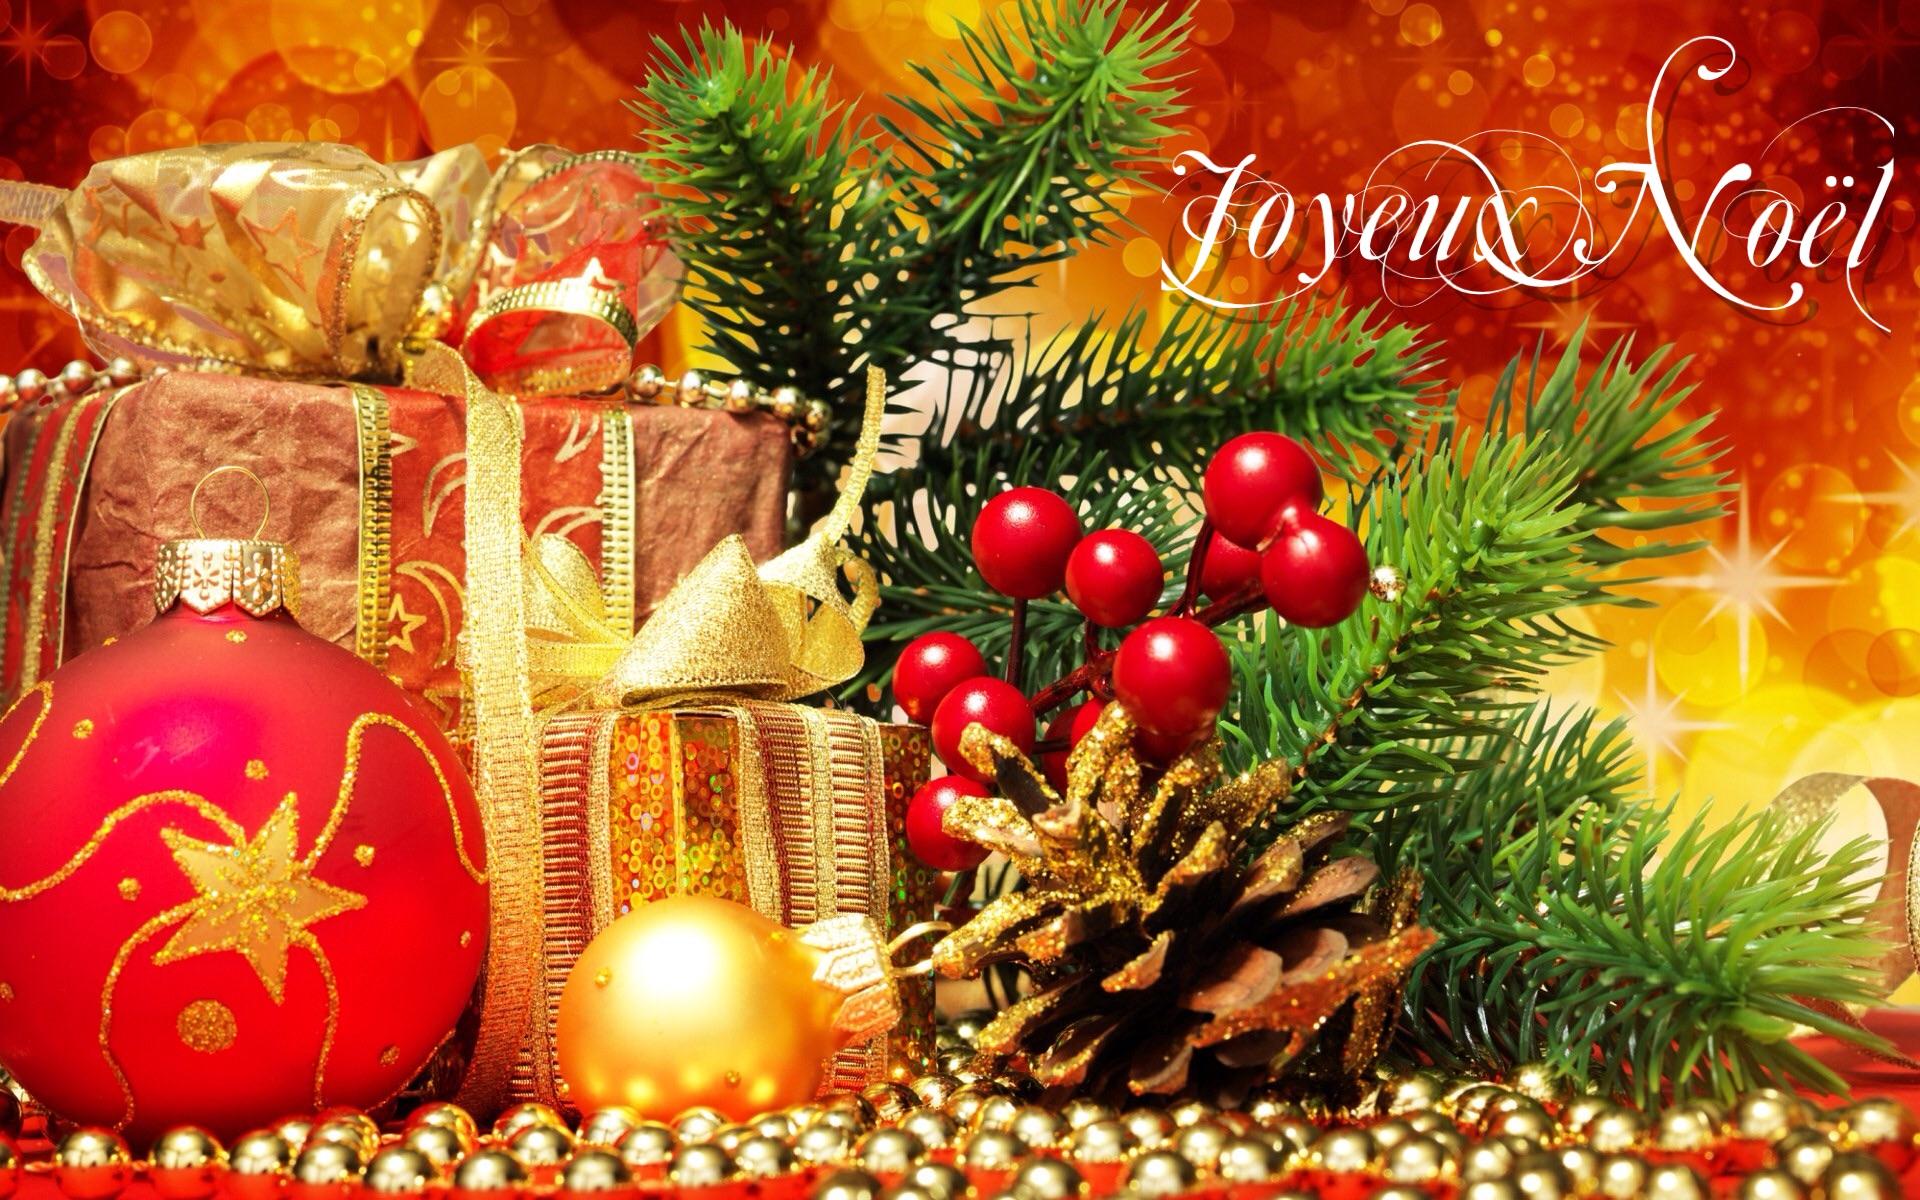 Joyeux Noel Souhaite.Le B2a Vous Souhaite A Tous Un Joyeux Noel Badminton